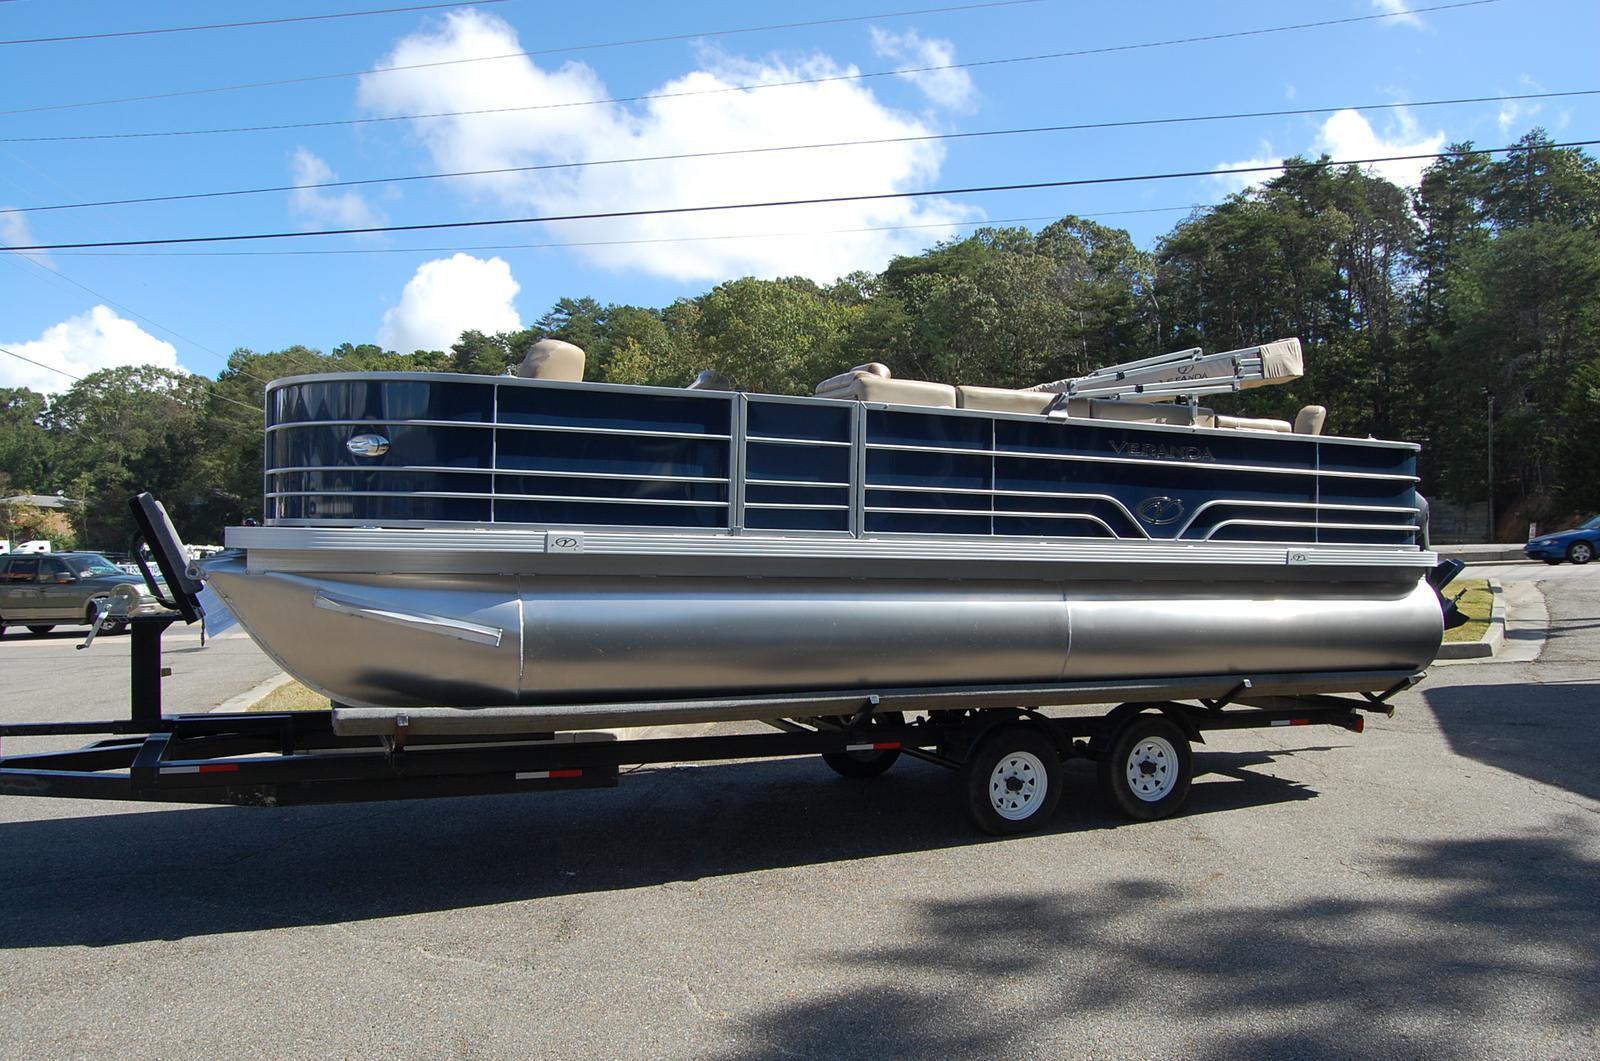 Veranda 2018  2018 Veranda VF22F4 for sale in Cumming, GA   Advantage Boat ...